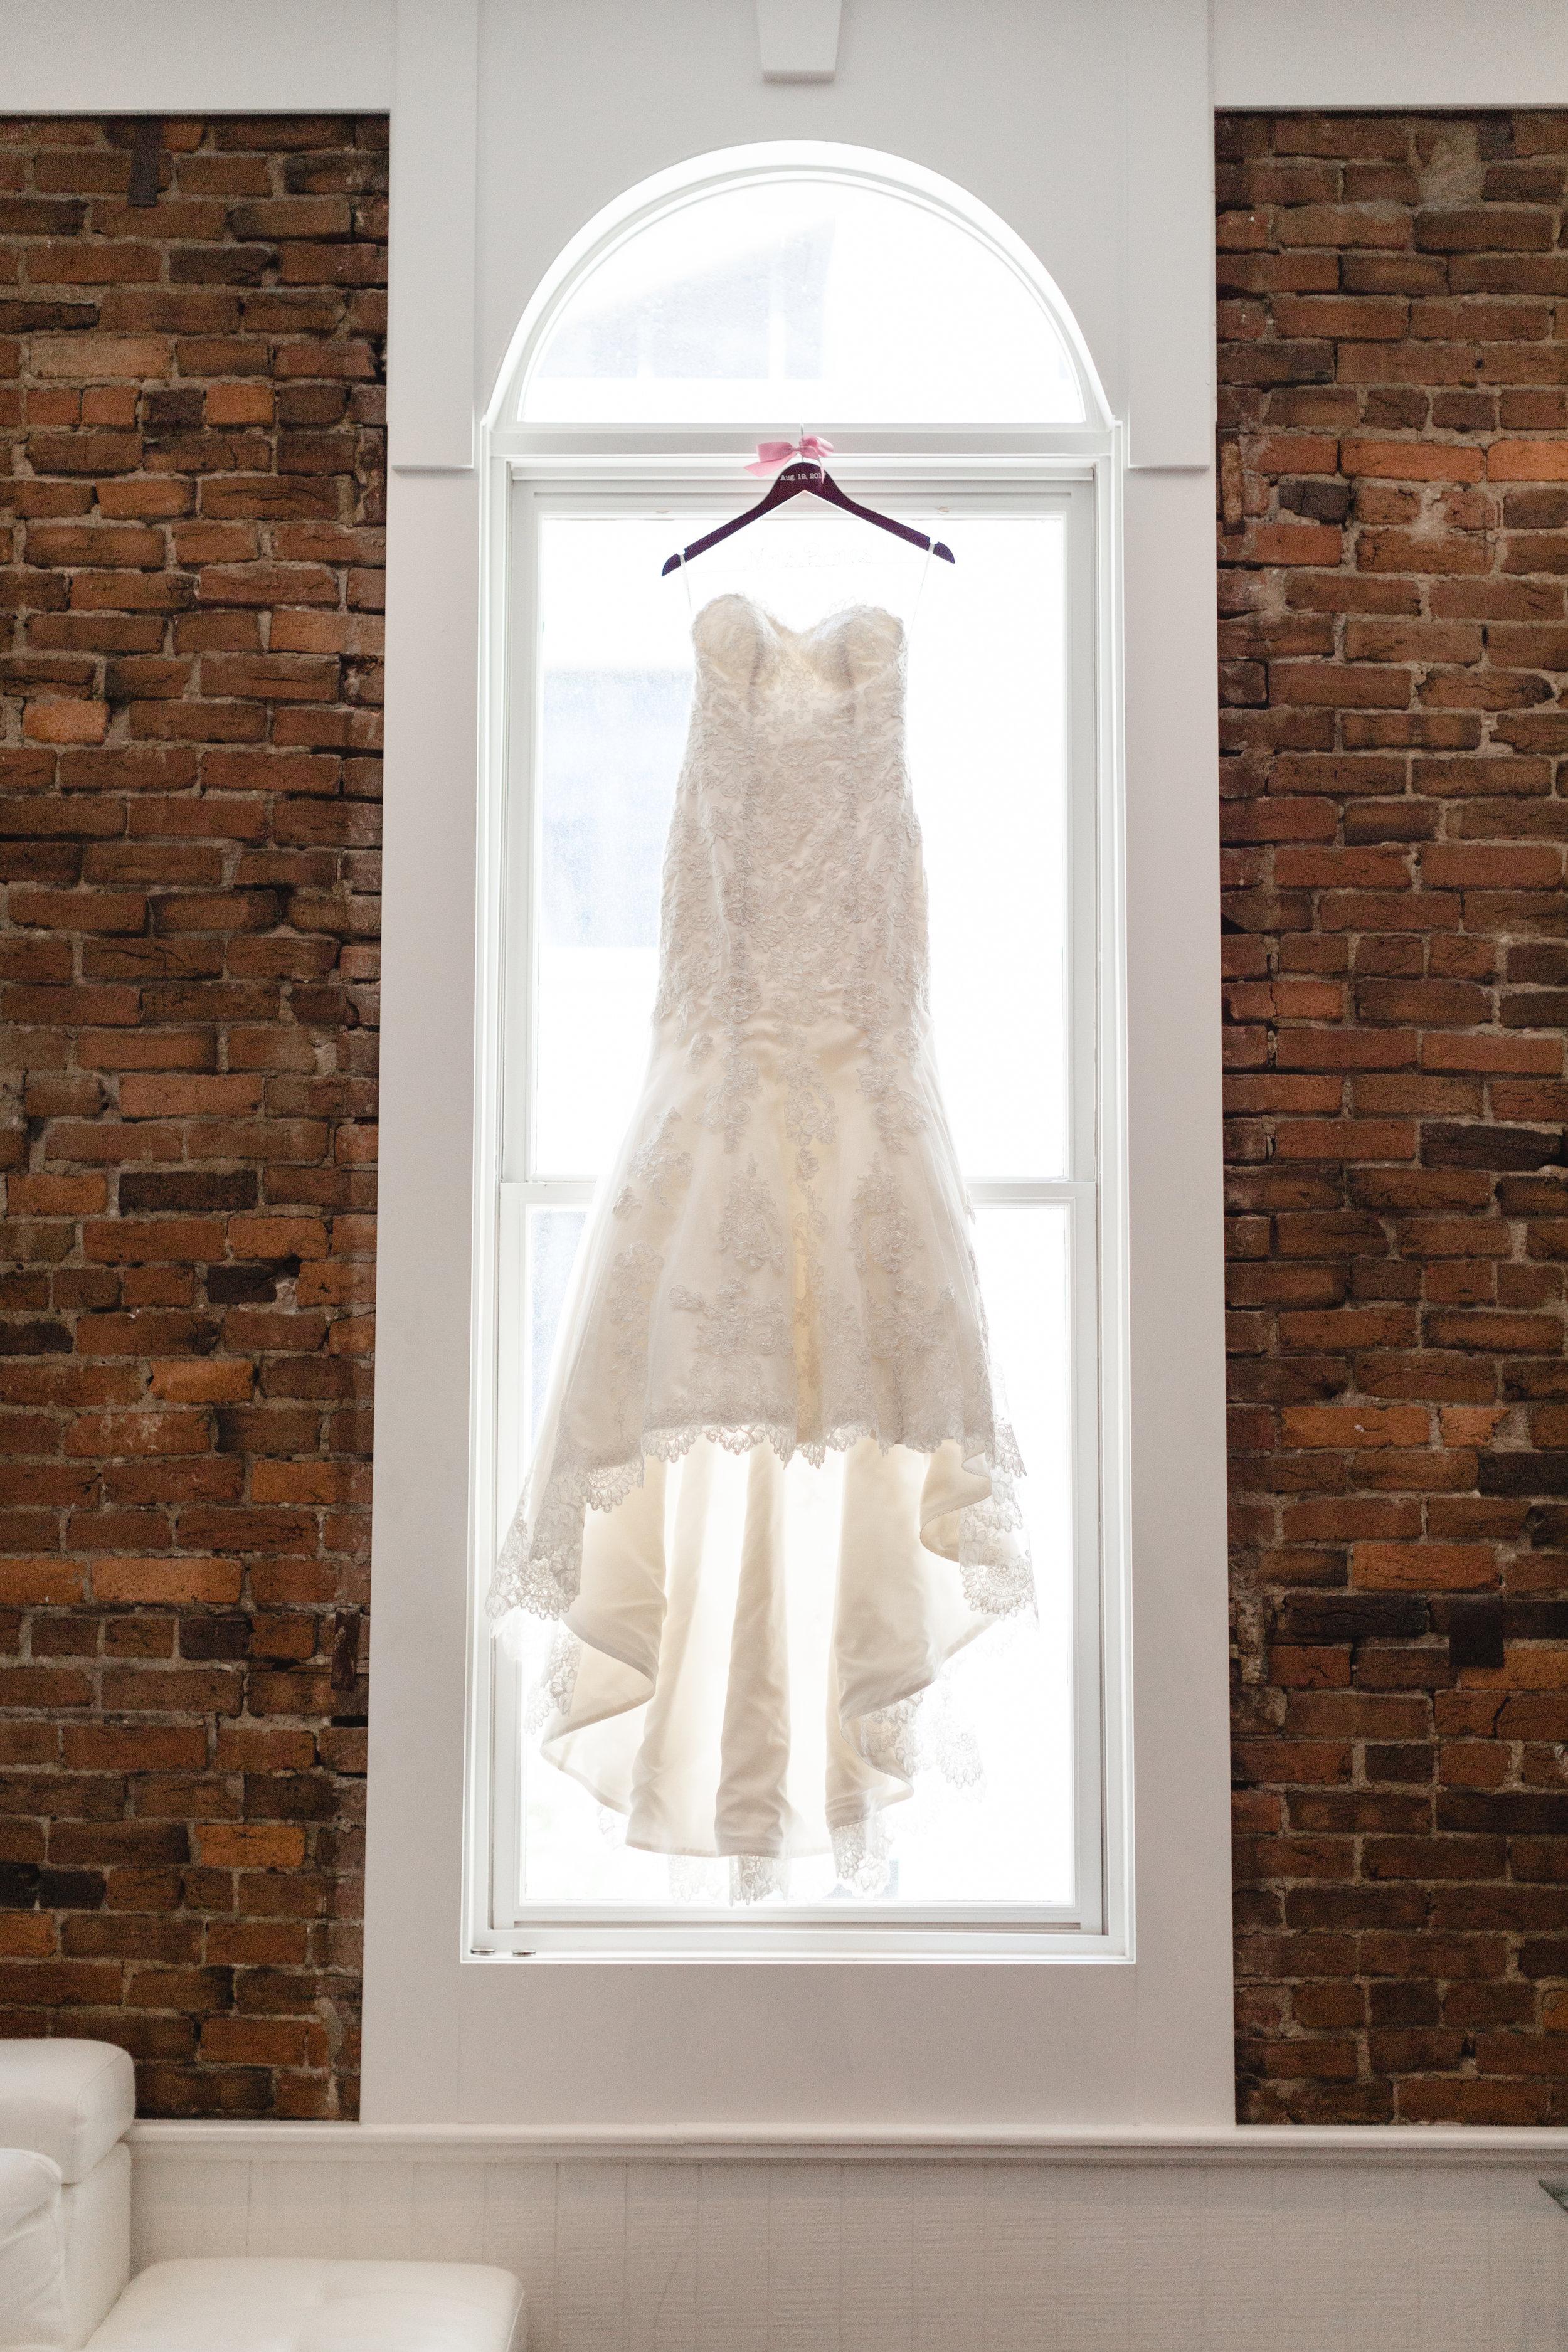 Belle Meade Plantation - Summer Wedding - Nashville, TN